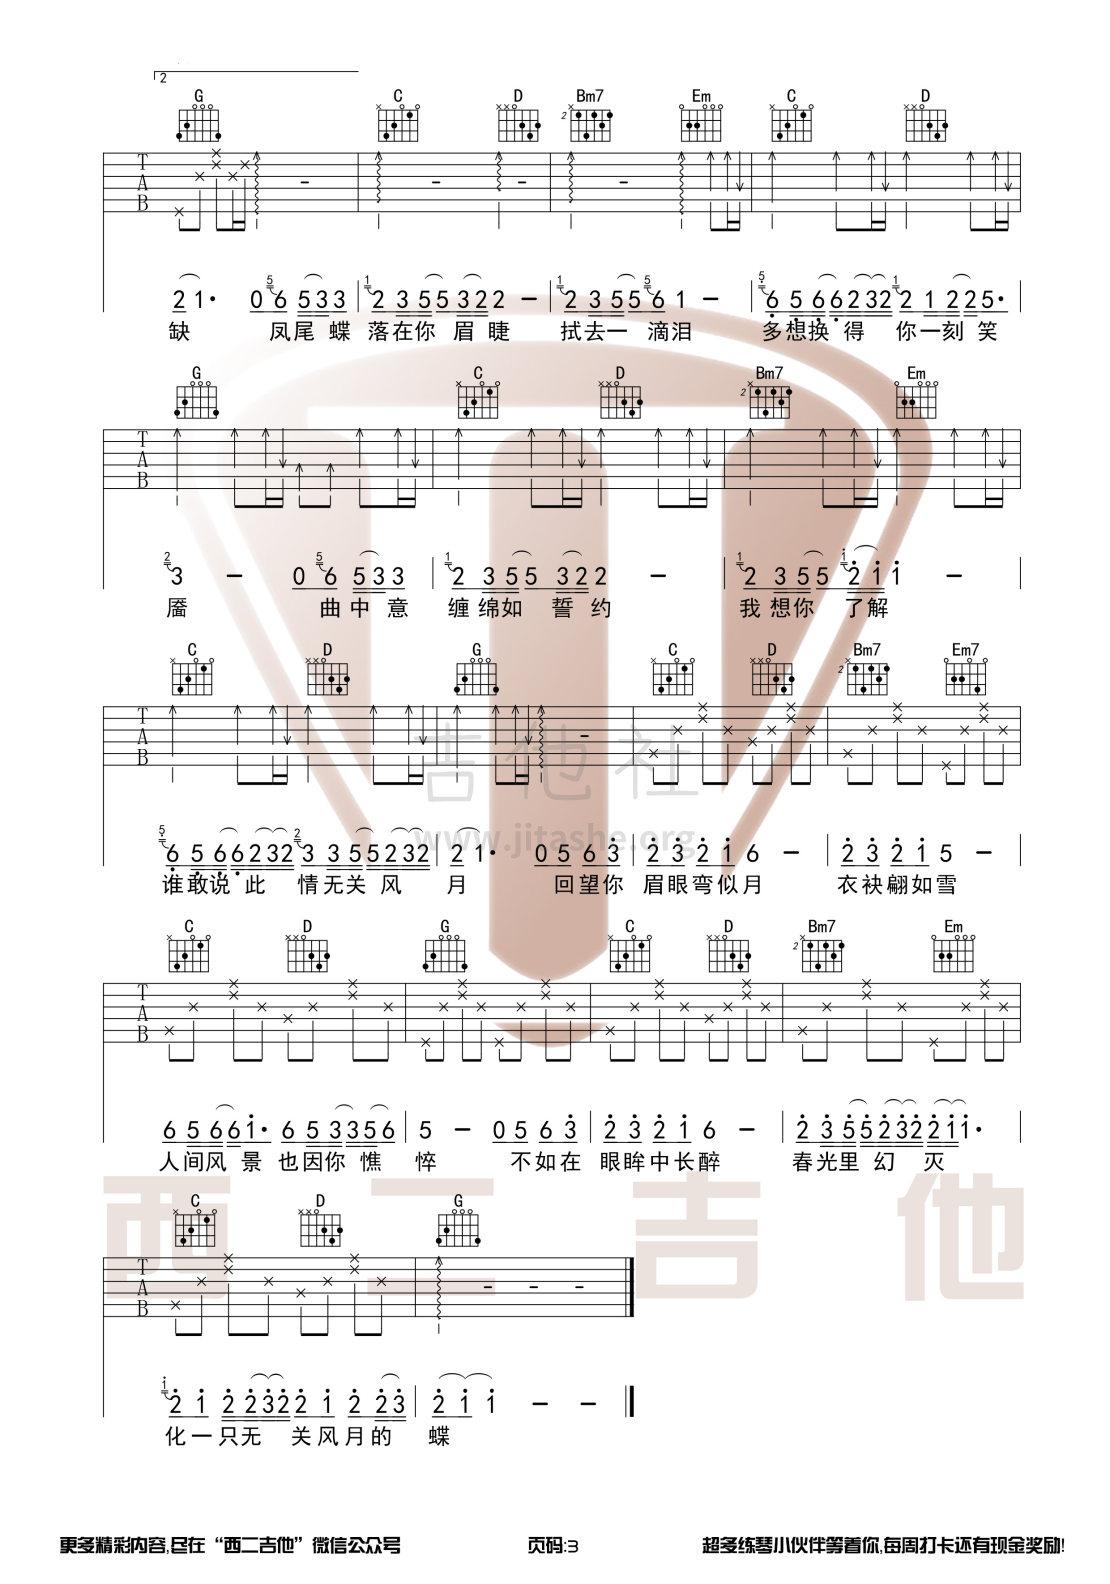 落(抖音上超好听的古风歌曲全网首发)吉他谱(图片谱,西二吉他,弹唱,G调)_艾辰_落3.jpg